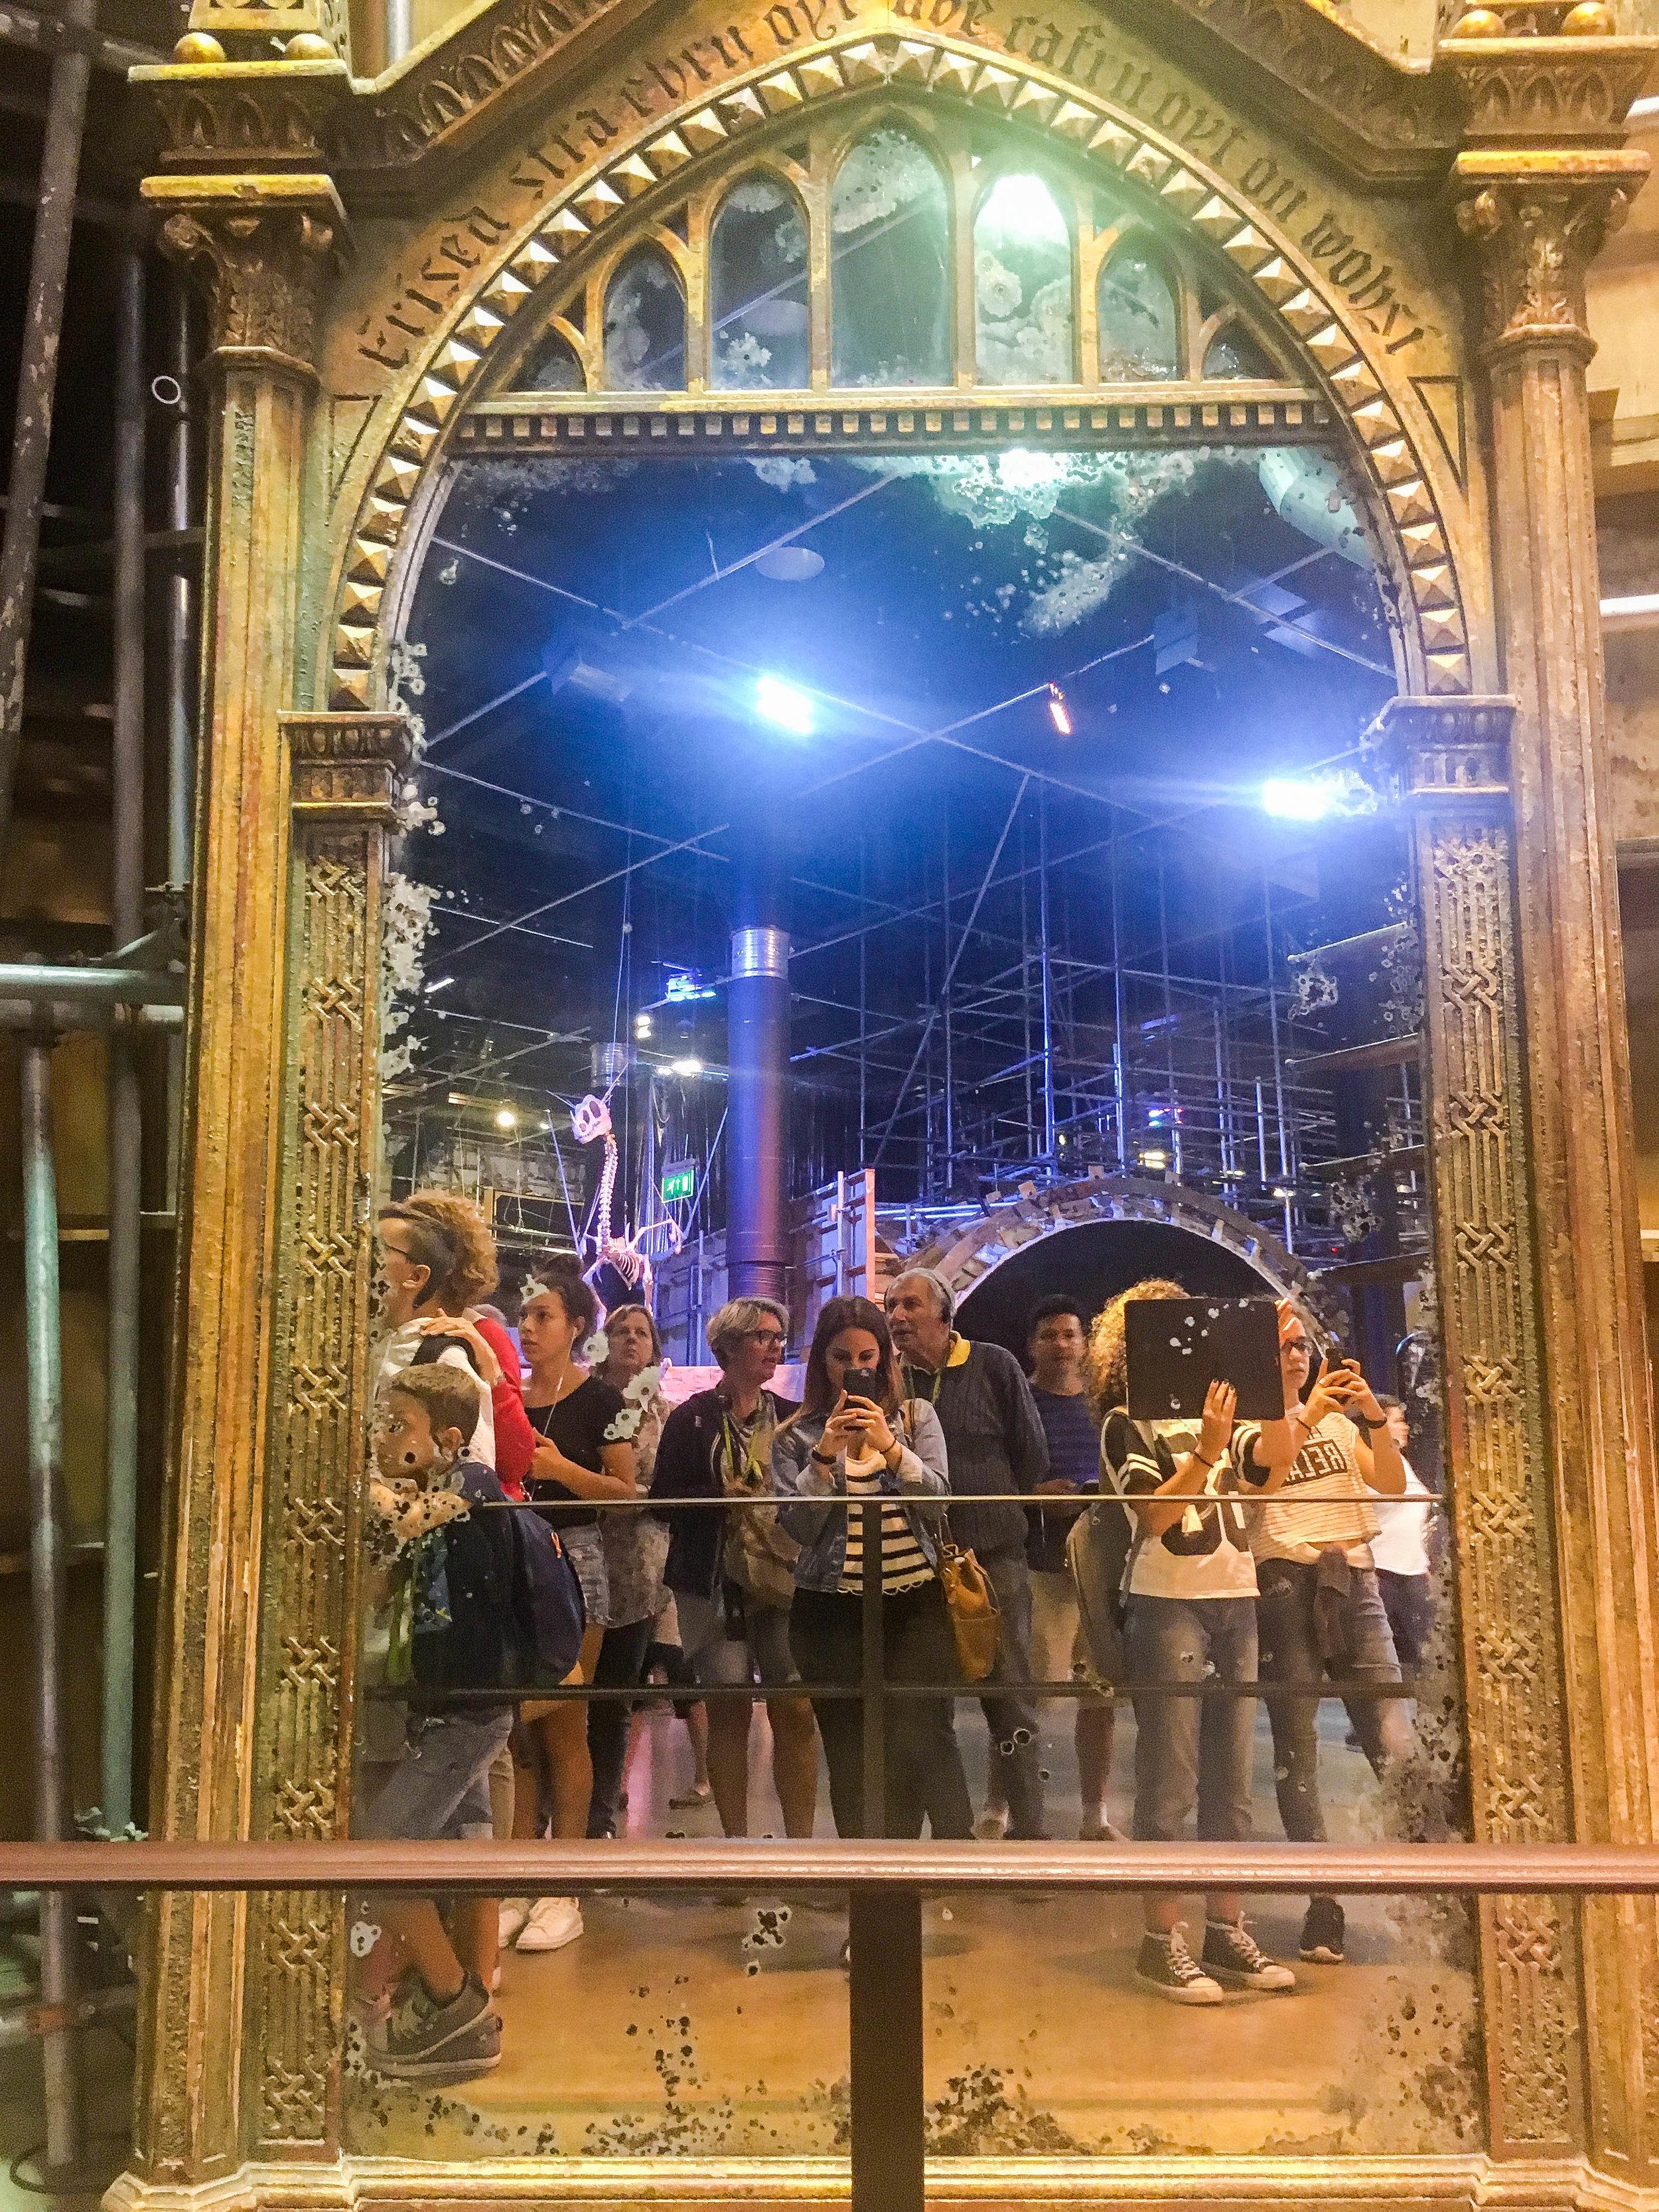 Harry Potter Mirror.jpg